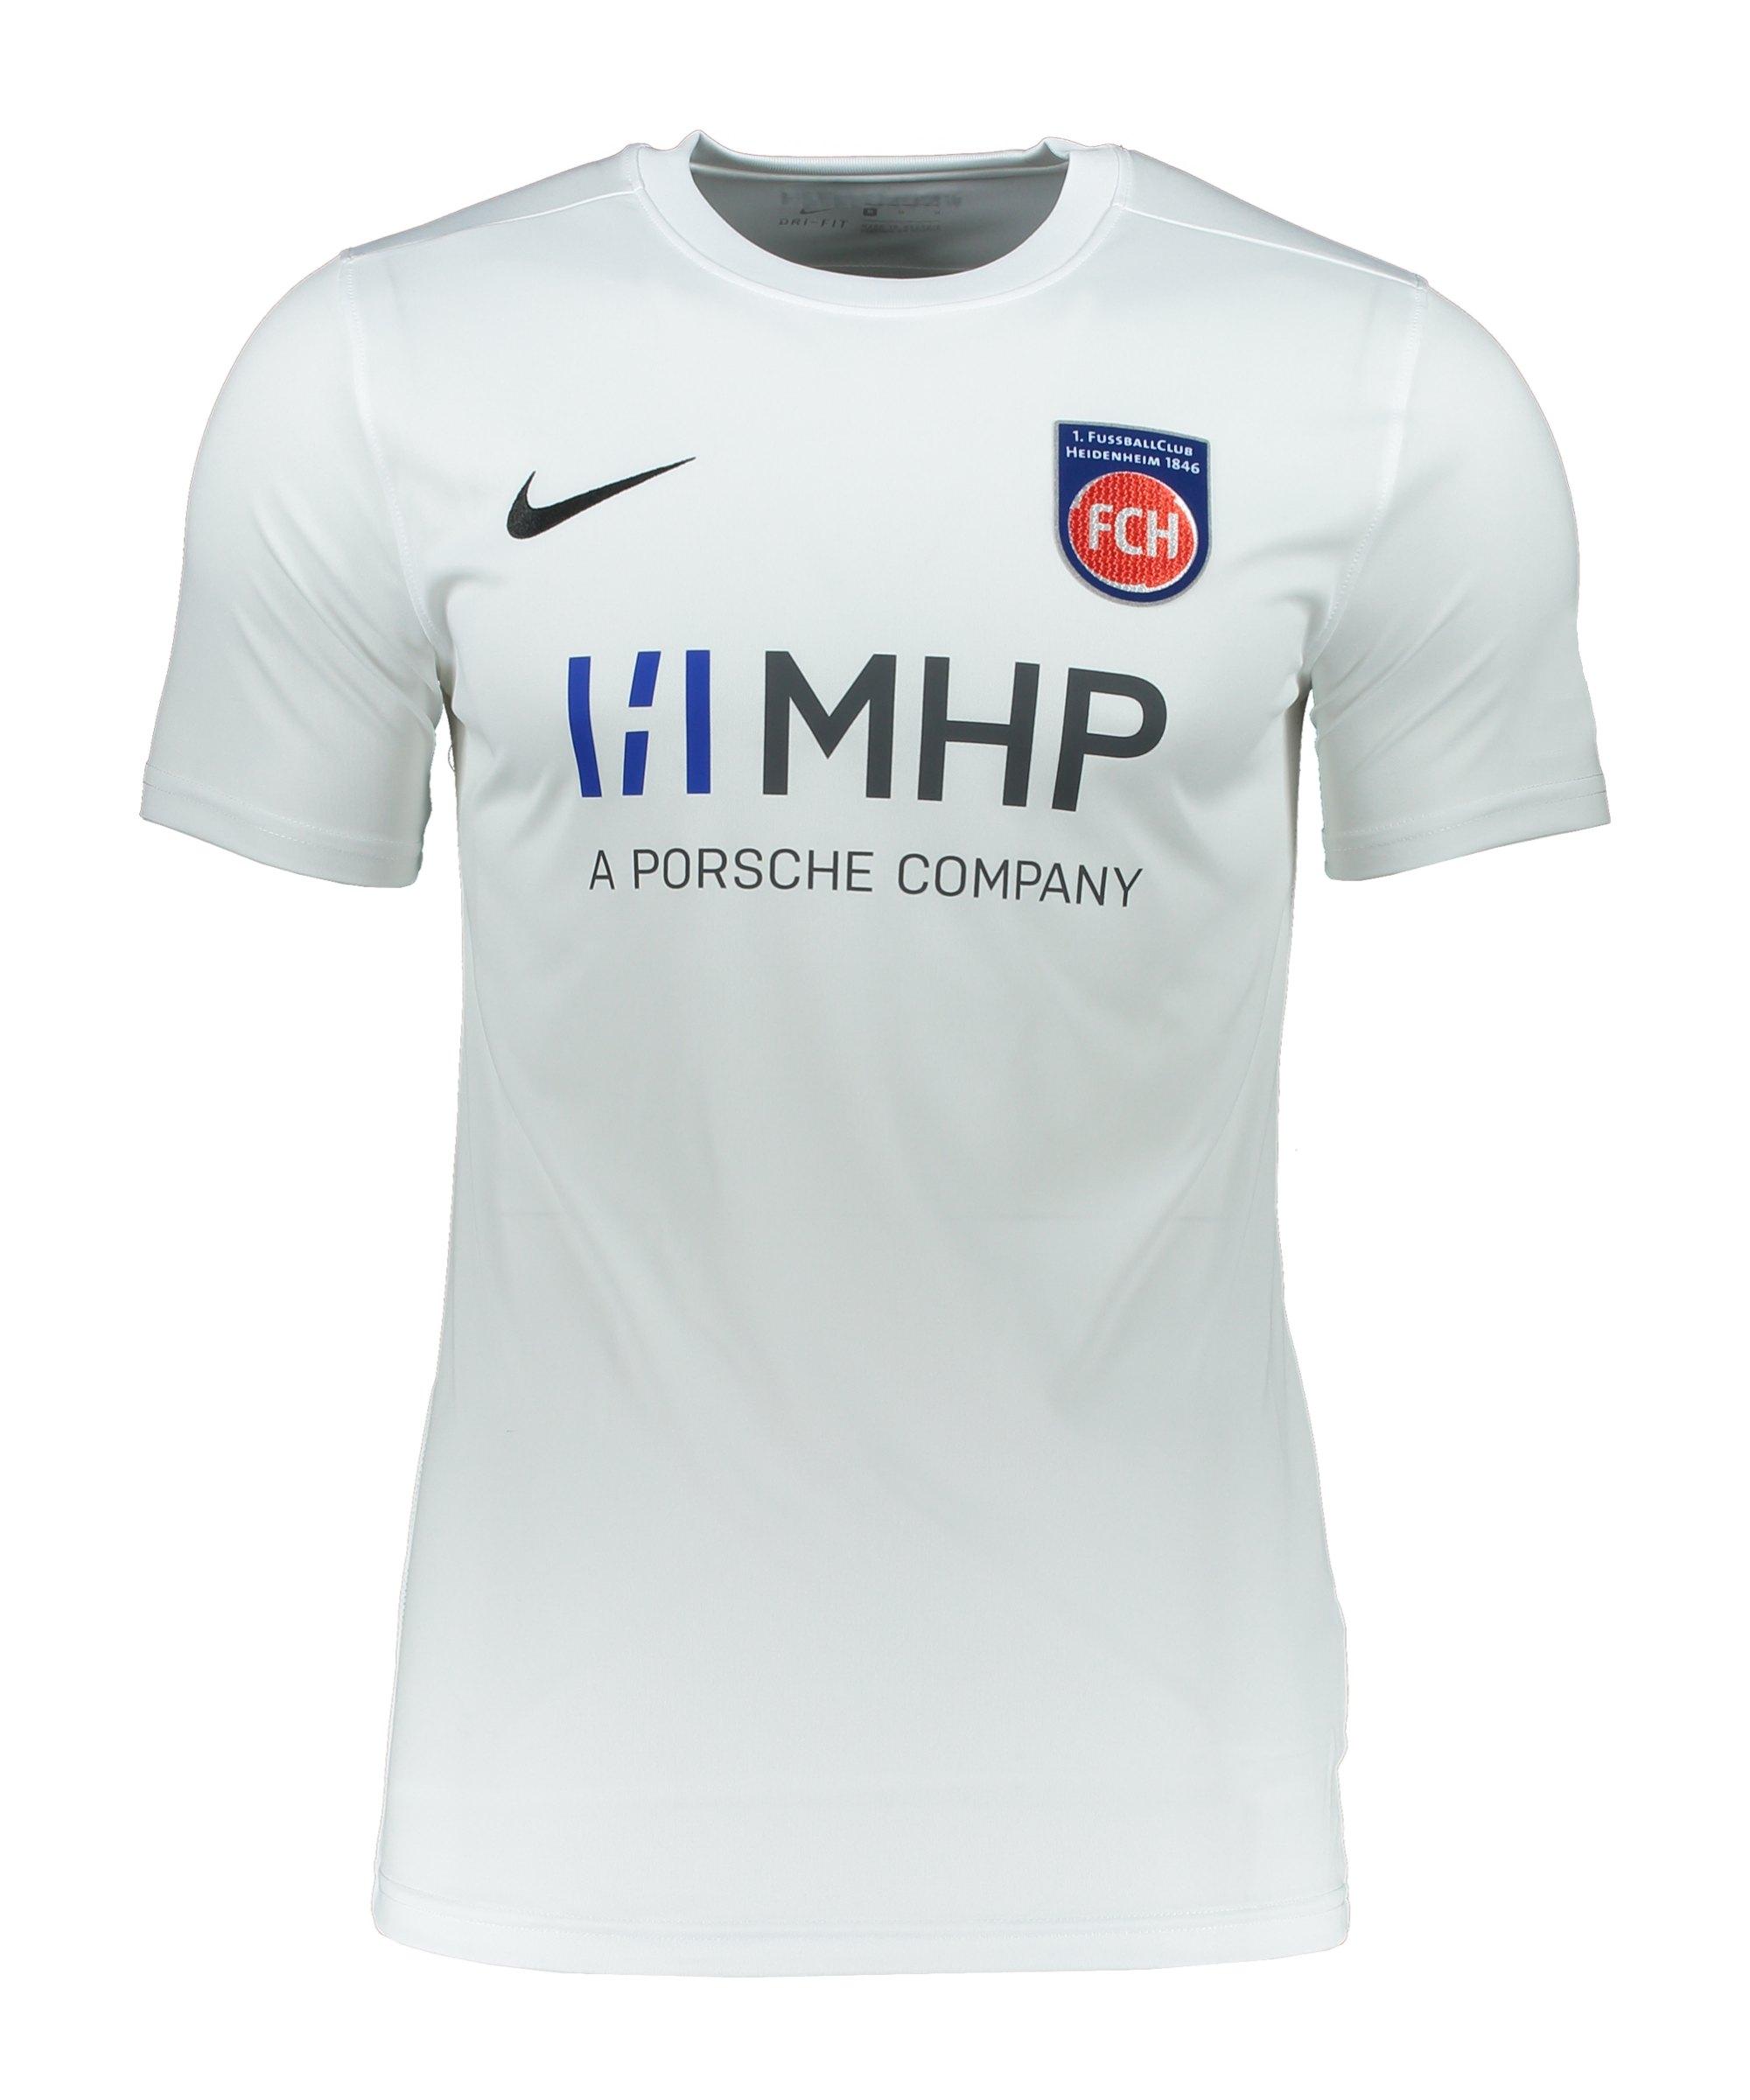 Nike 1. FC Heidenheim Trikot 3rd 2021/2022 Kids F100 - weiss